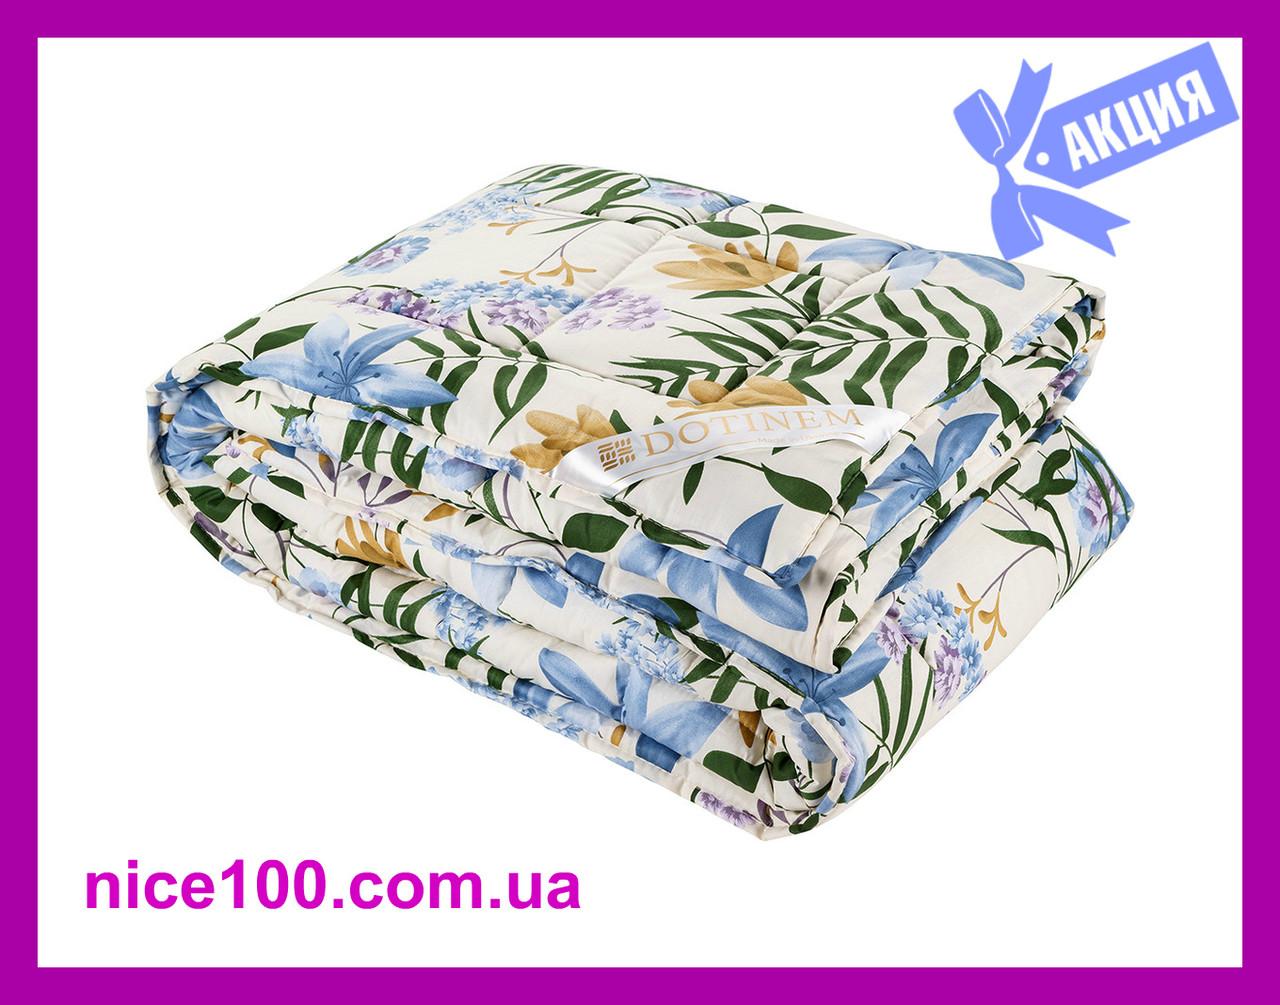 Одеяло 195х215 Двуспальное Евро VALENCIA Сатиновое Зимнее Гипоаллергенное Полиэфирное волокно Теплое Мягкое